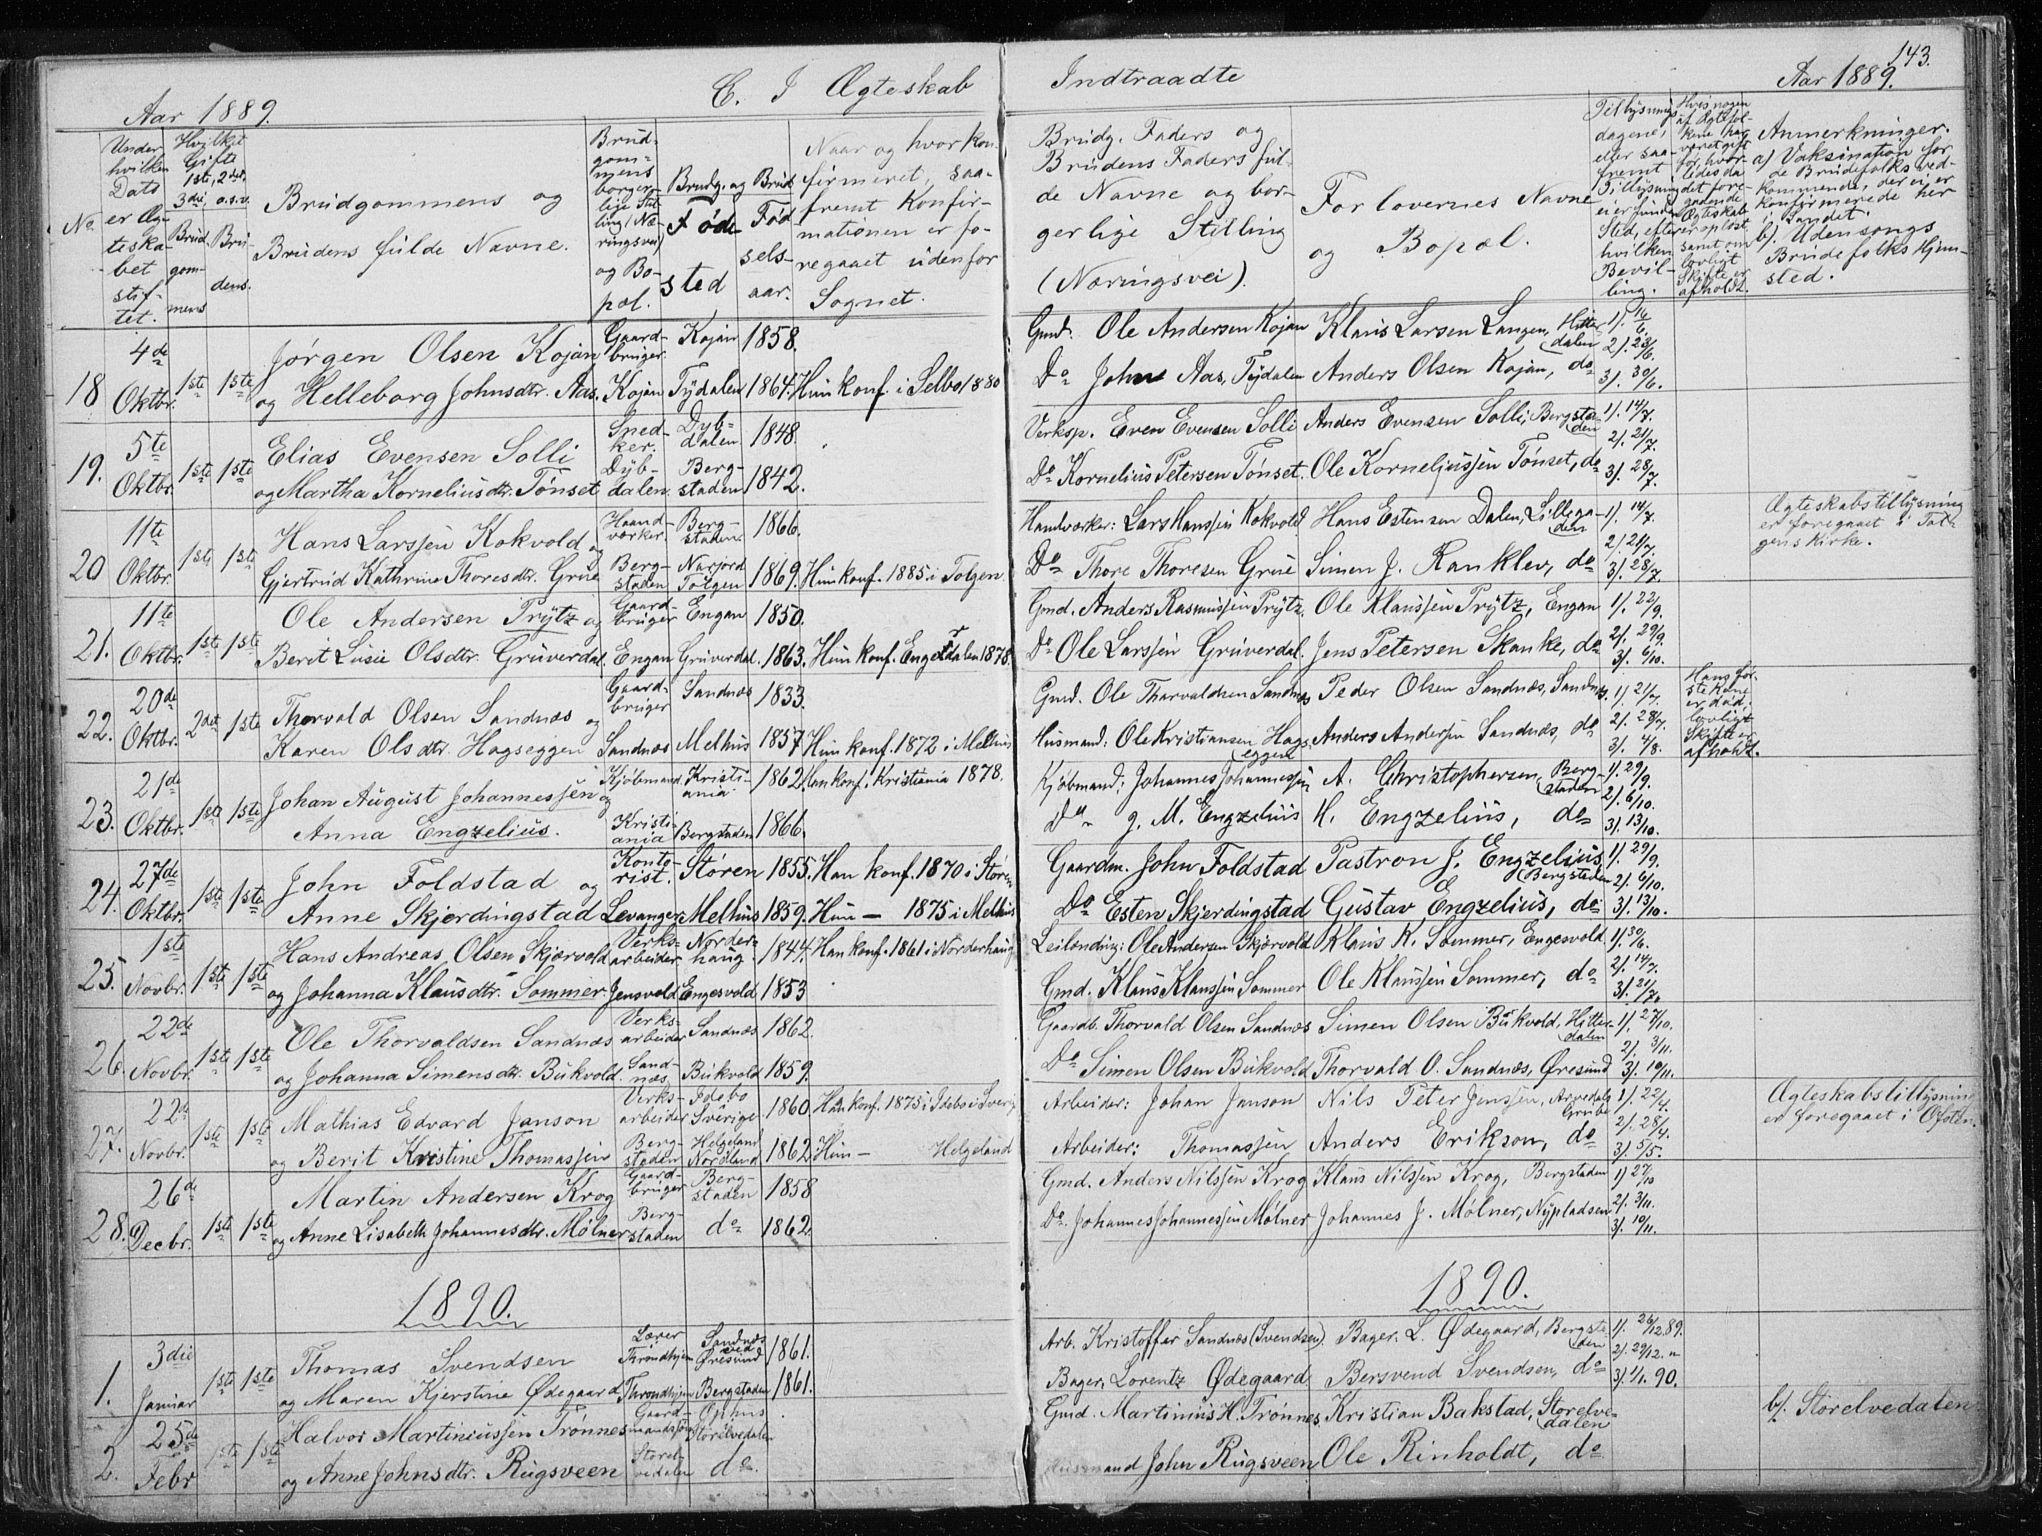 SAT, Ministerialprotokoller, klokkerbøker og fødselsregistre - Sør-Trøndelag, 681/L0940: Klokkerbok nr. 681C04, 1880-1895, s. 143